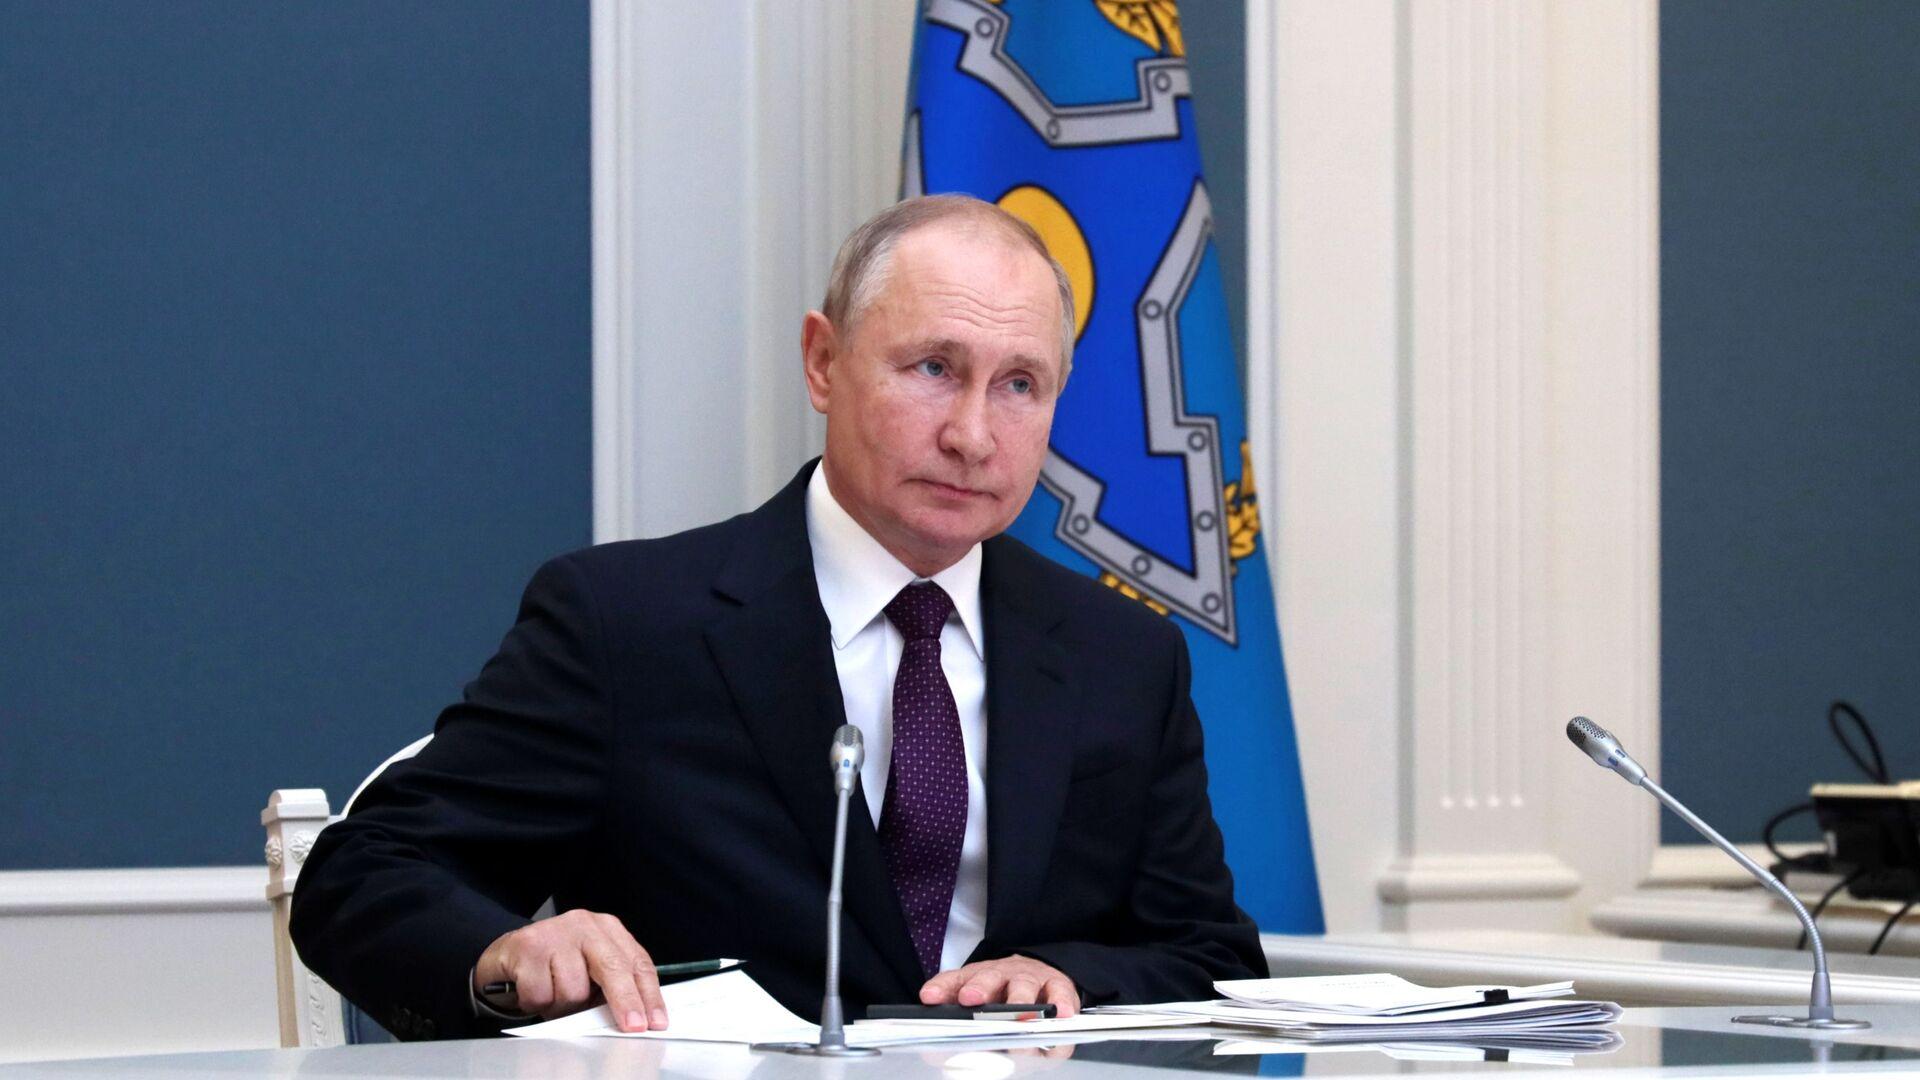 Президент РФ В. Путин принял участие во внеочередной сессии Совета коллективной безопасности ОДКБ - Sputnik Azərbaycan, 1920, 11.09.2021